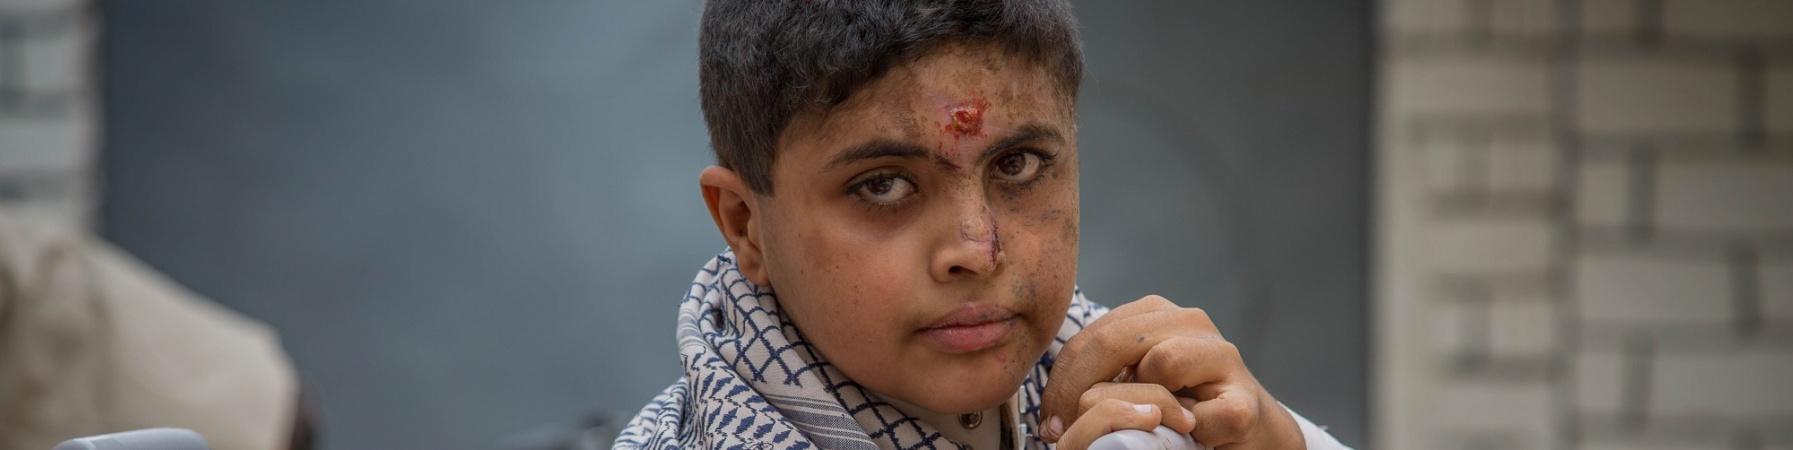 Bambino medio-orientale ferito alla testa